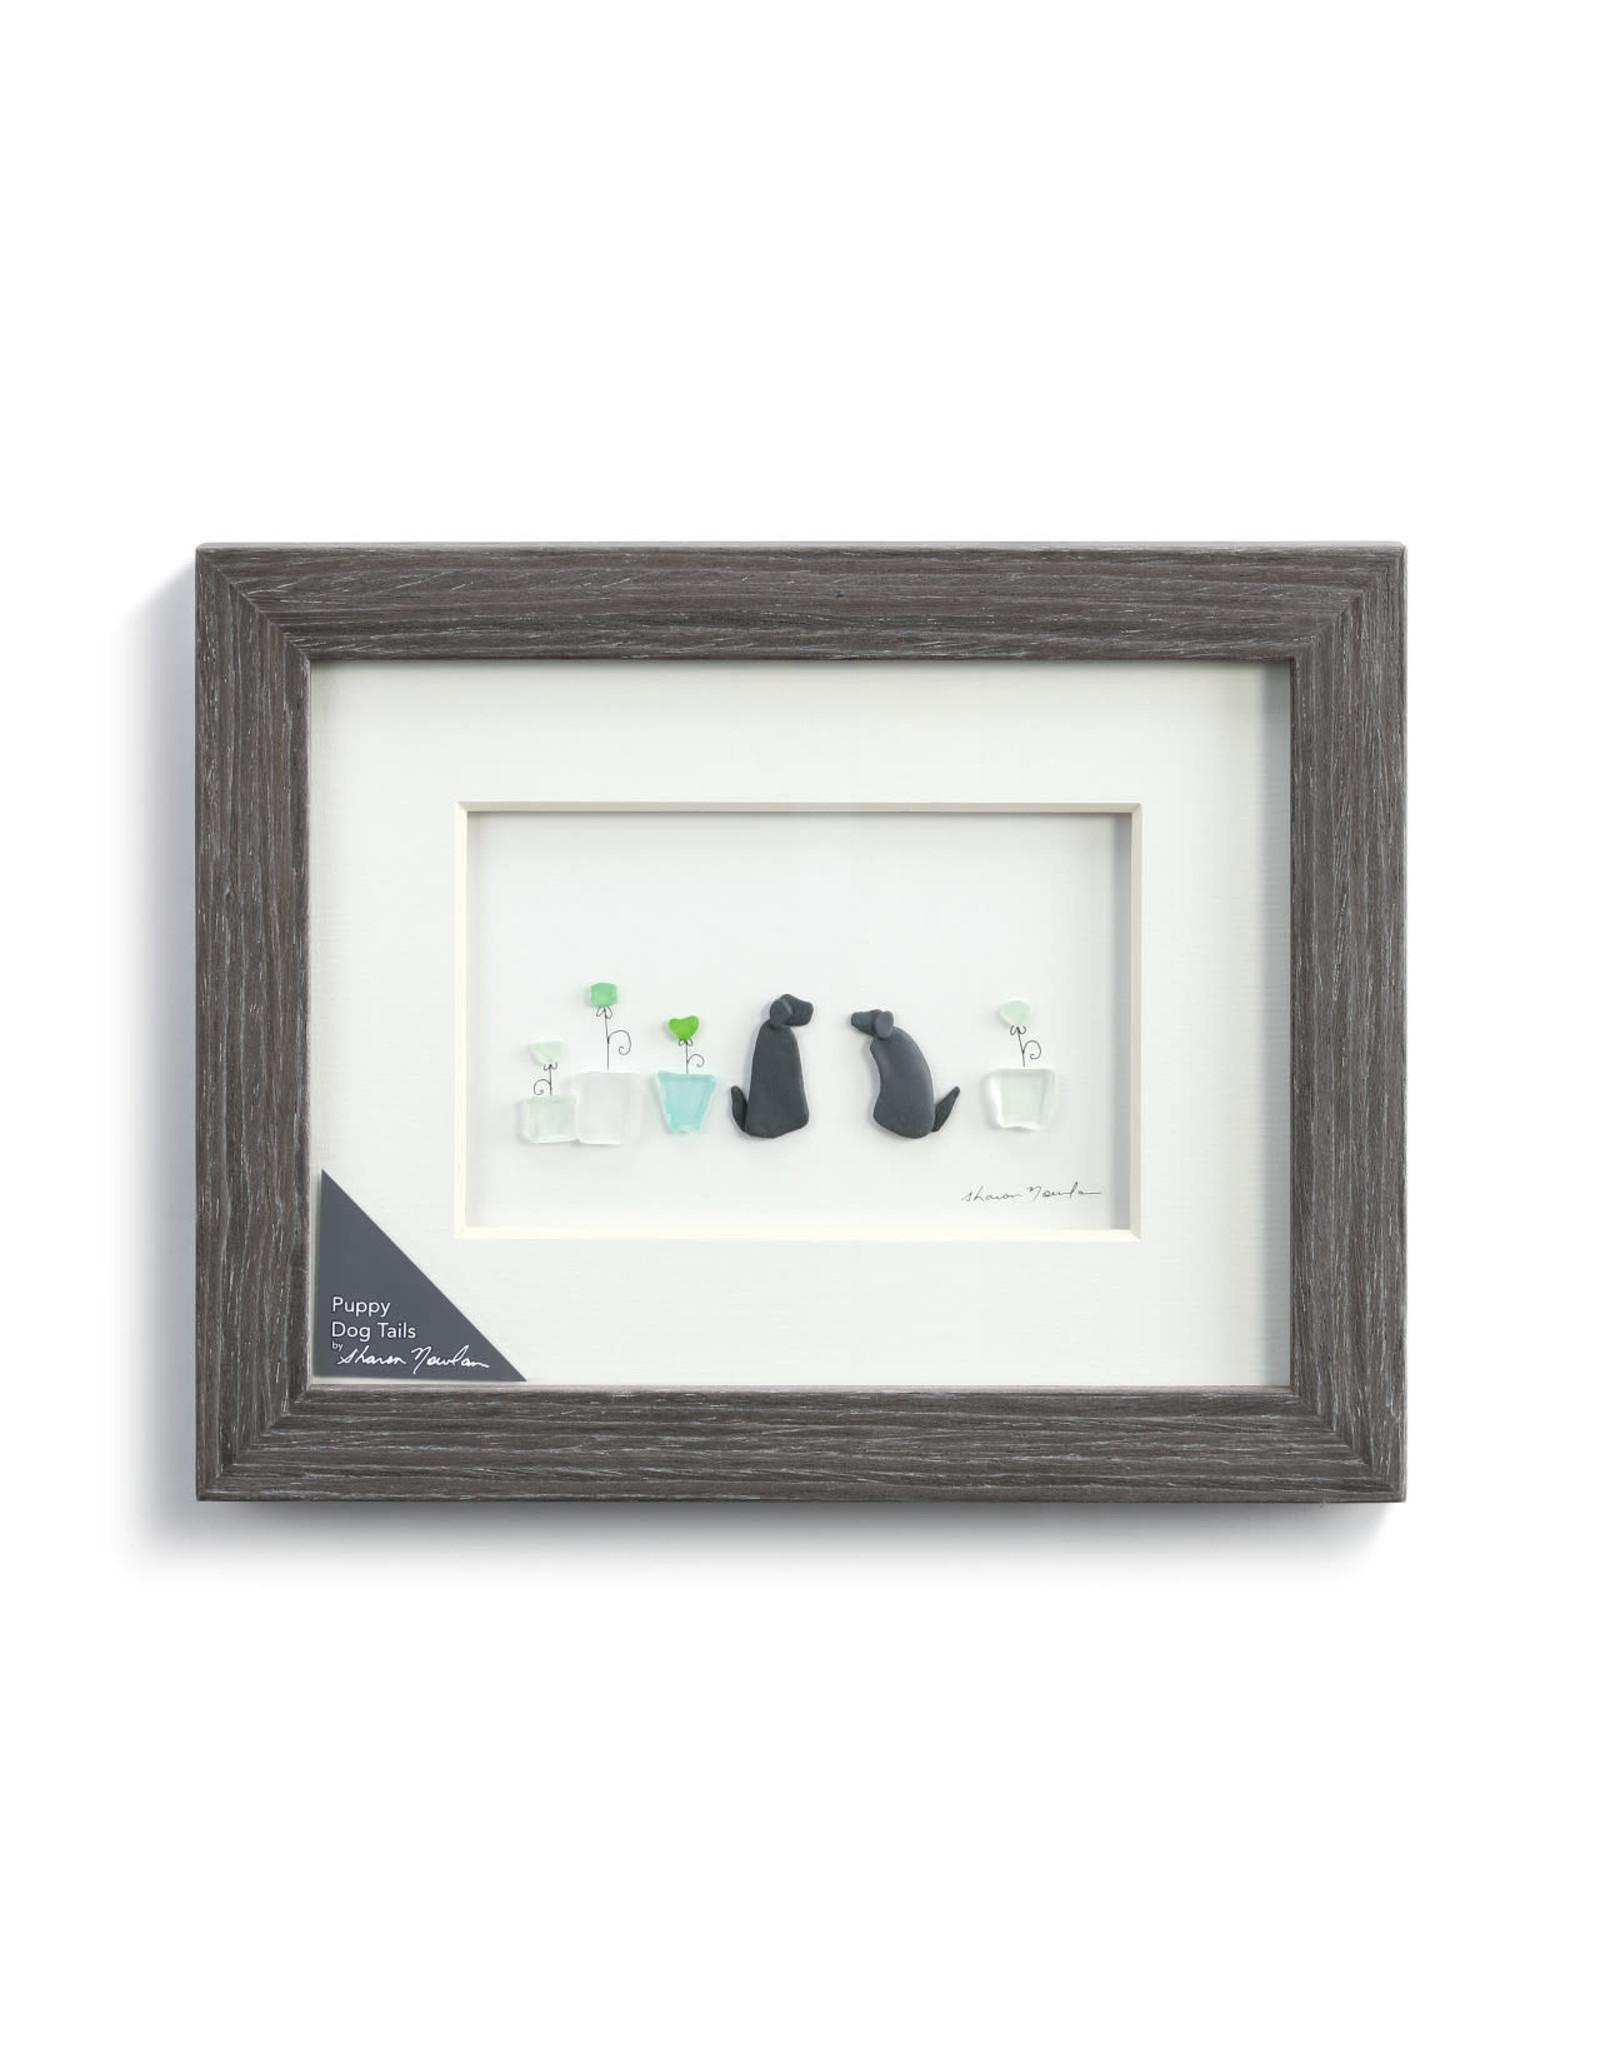 Demdaco Puppy Dog Tails Wall Art 10x8